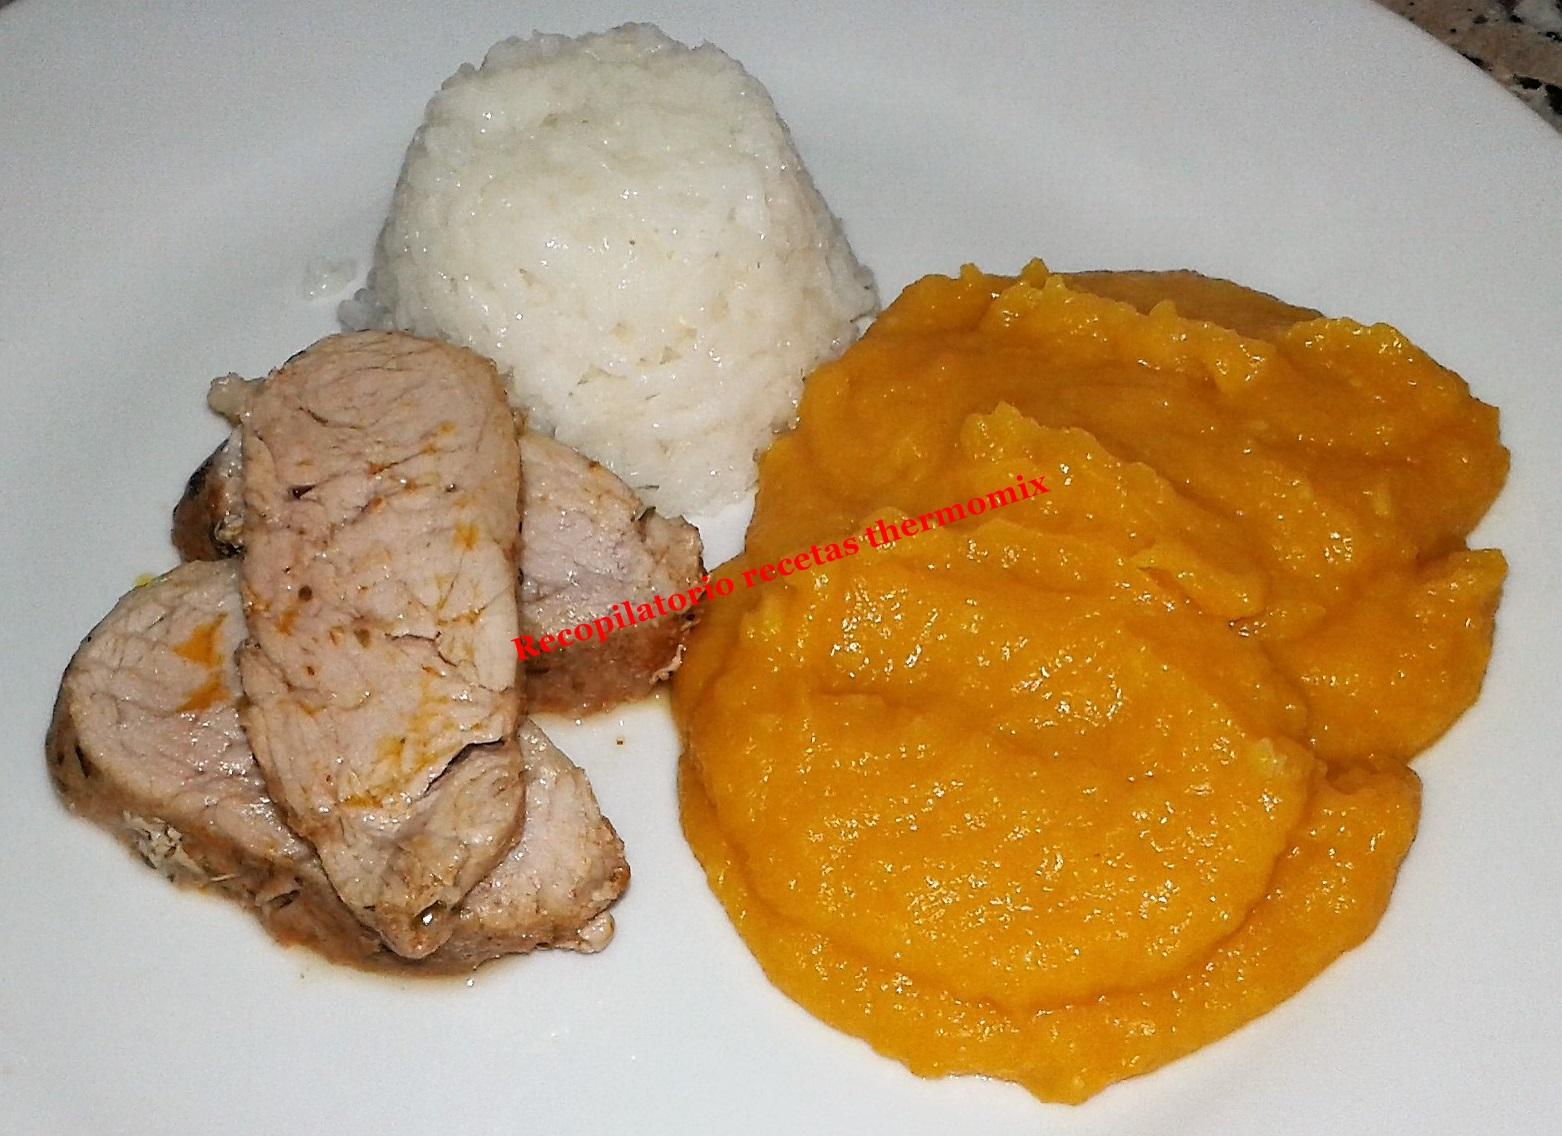 Recopilatorio De Recetas Thermomix Calabaza Frita Solomillo Y - Recetas-de-calabaza-frita